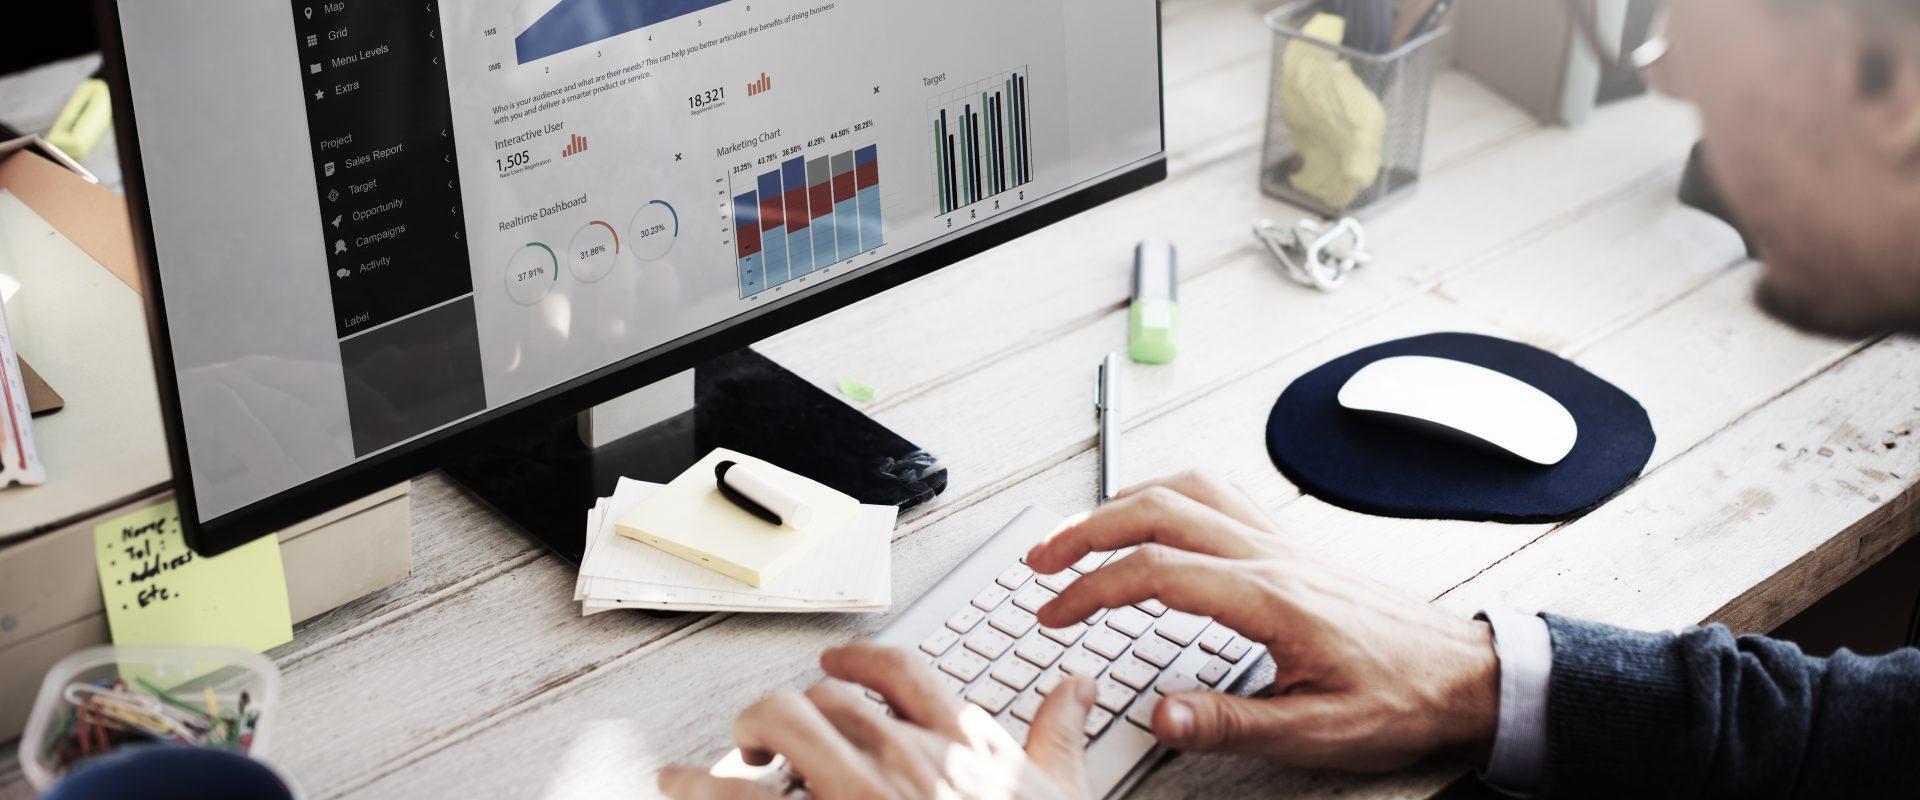 homem a trabalhar em trafego num computador